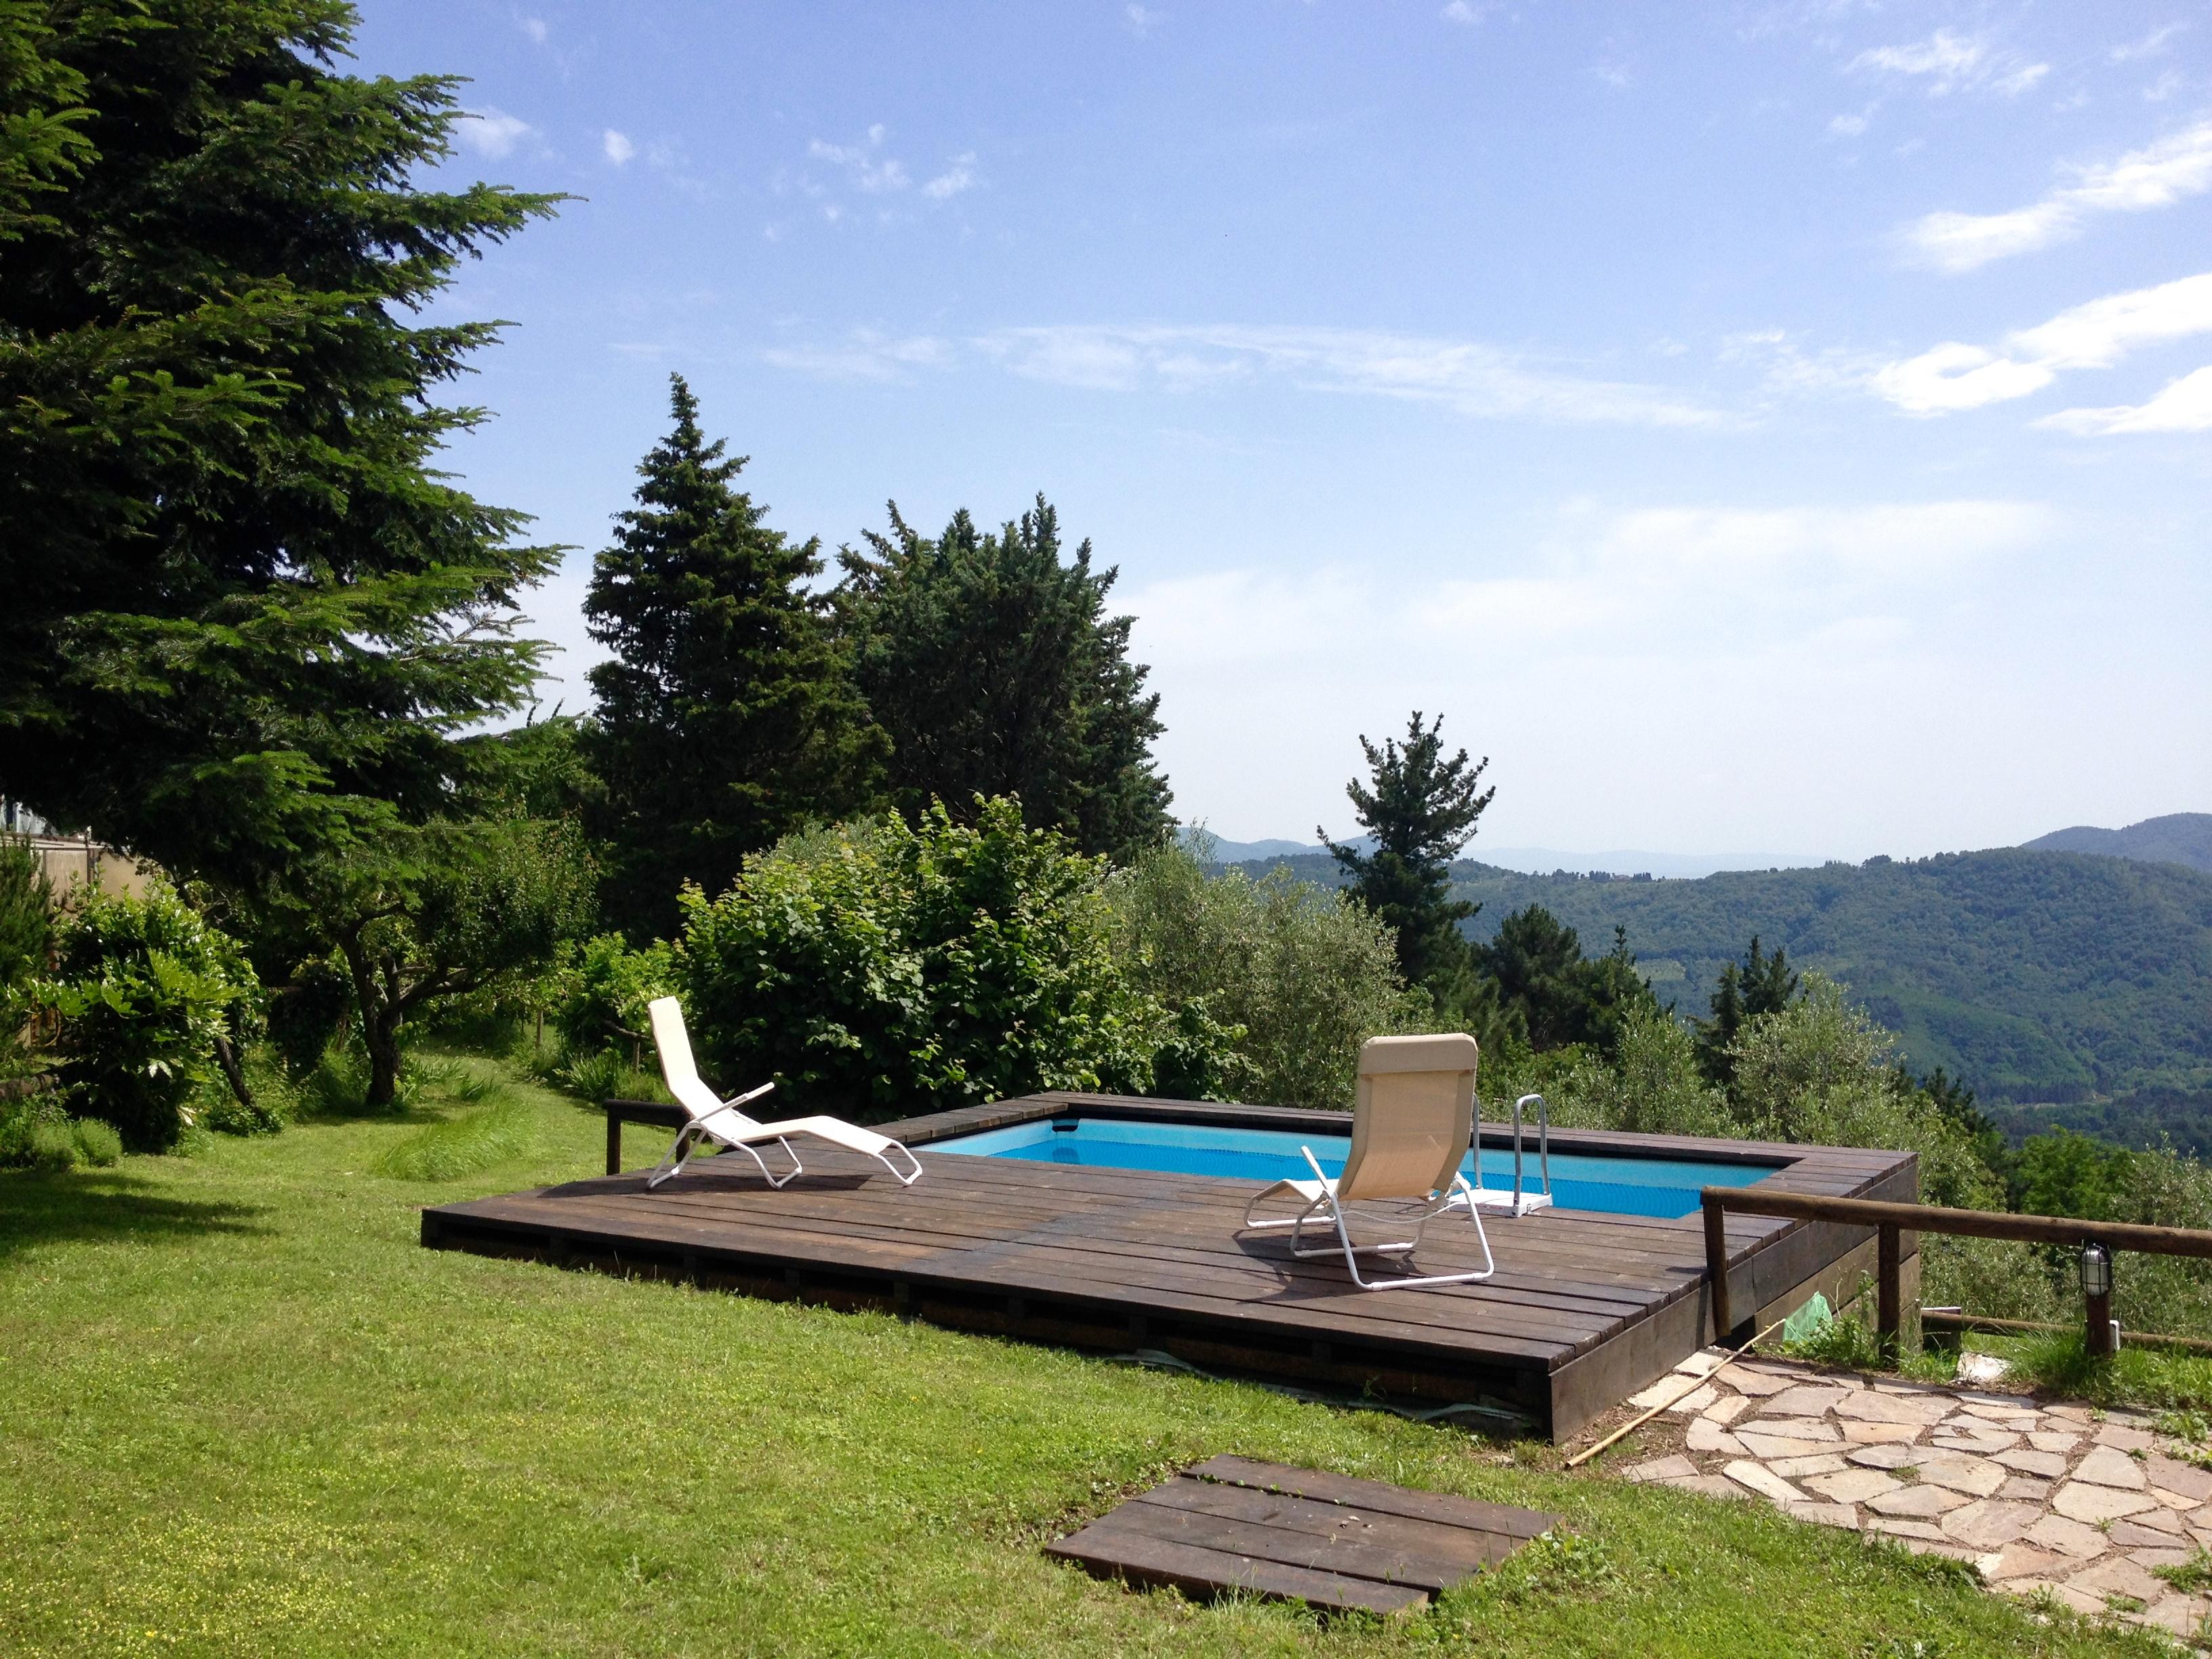 Case vacanze con vista sulle montagne idealista news - Hotel in montagna con piscina ...